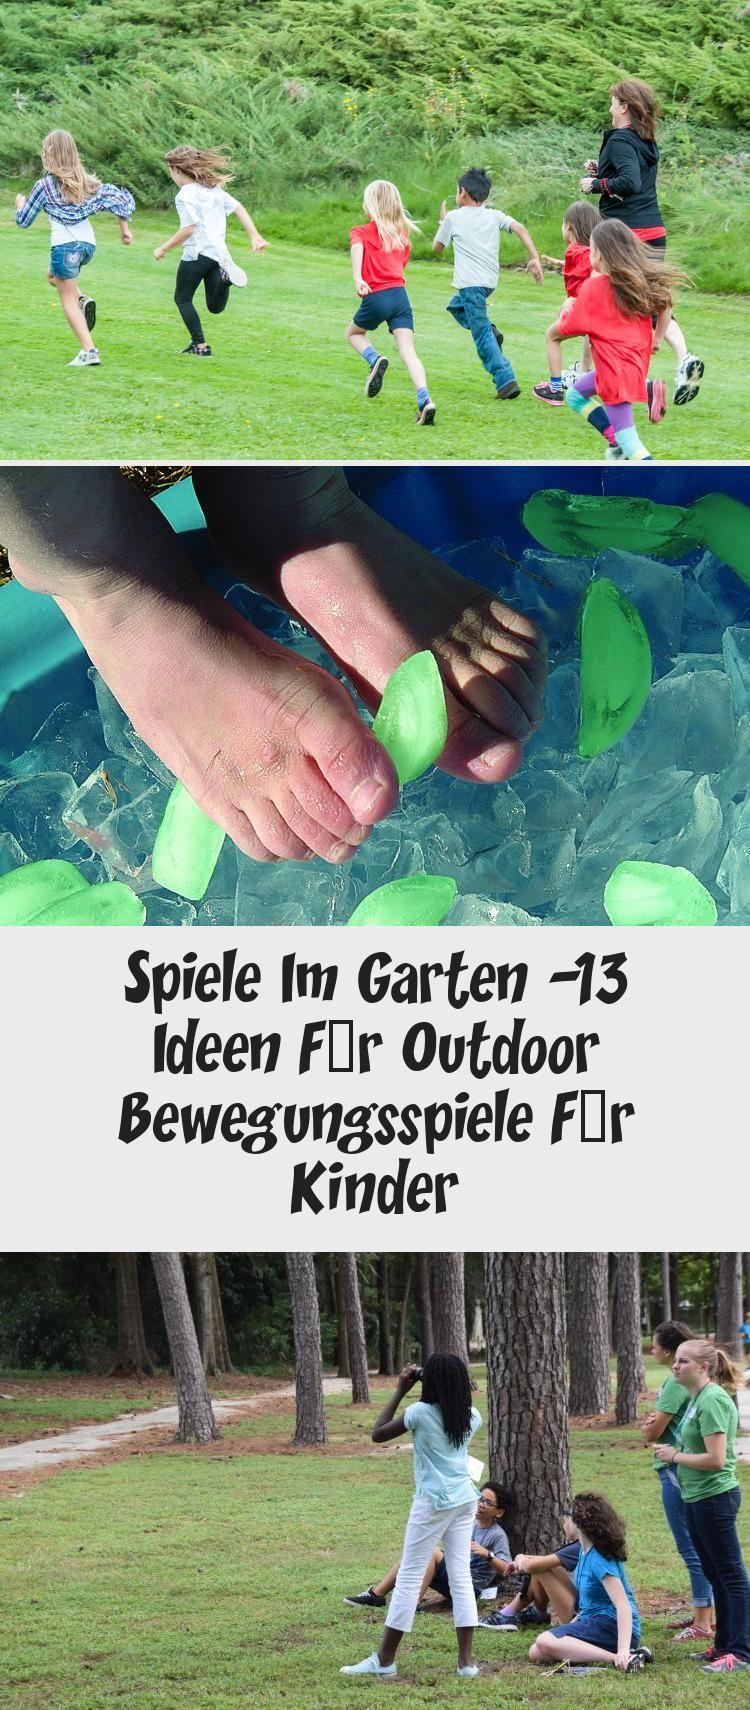 Spiele Im Garten 13 Ideen Für Outdoor Bewegungsspiele Für Kinder Sandkasten Gartengestaltung Games Kinderspi Workout Games Games For Kids Outdoor Workouts